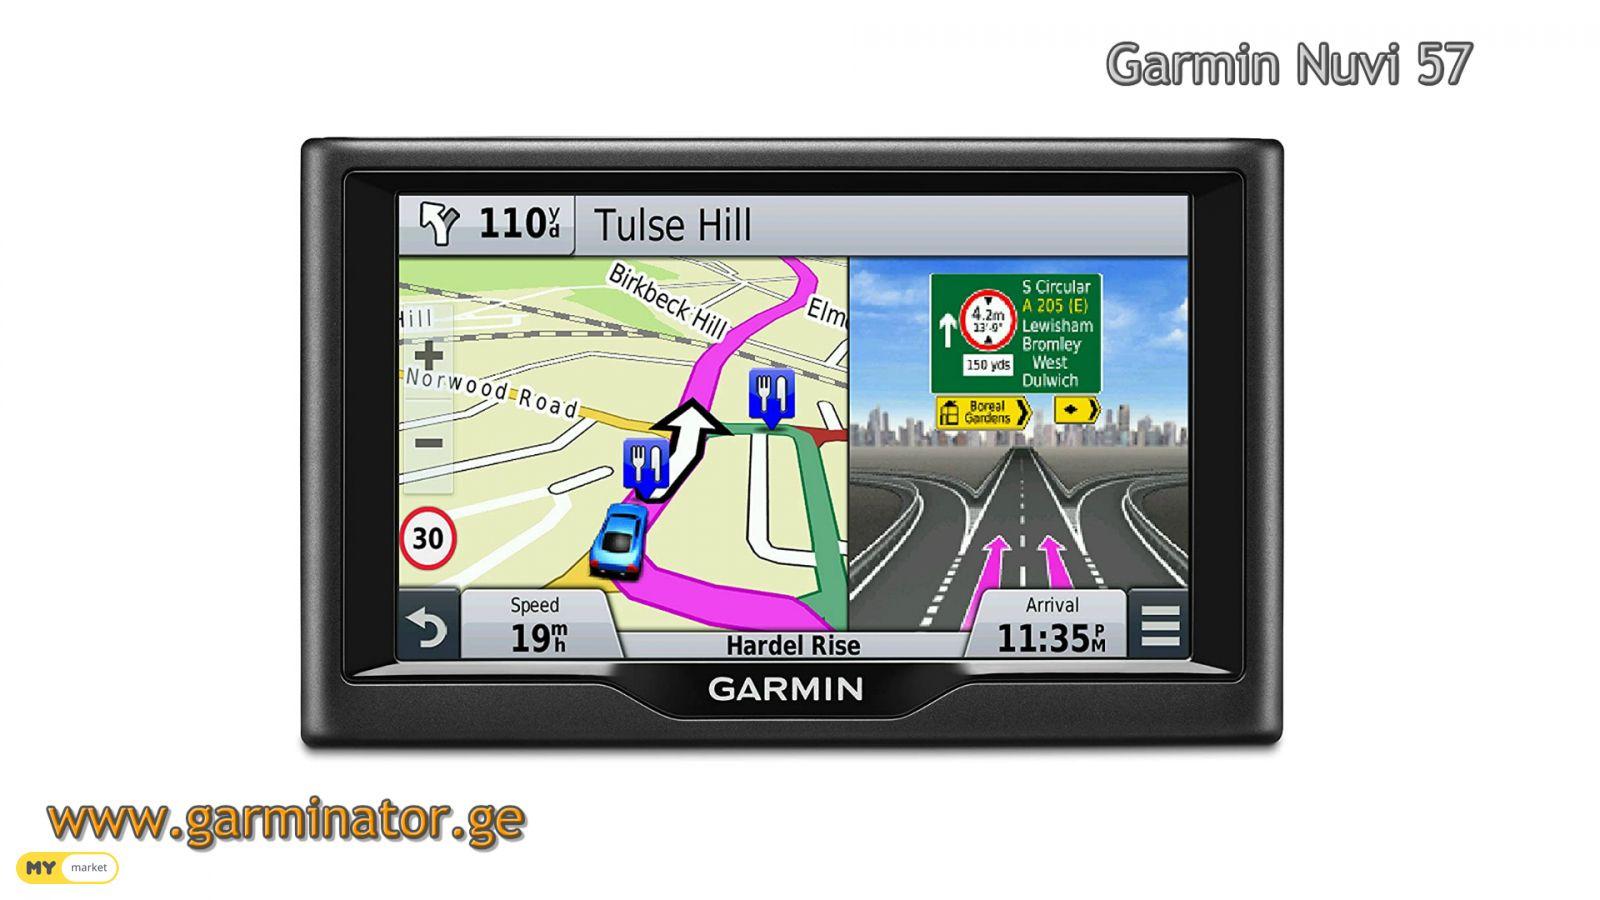 GARMIN GPS Navigator გარმინის ნავიგატორები დიდი არჩევანი